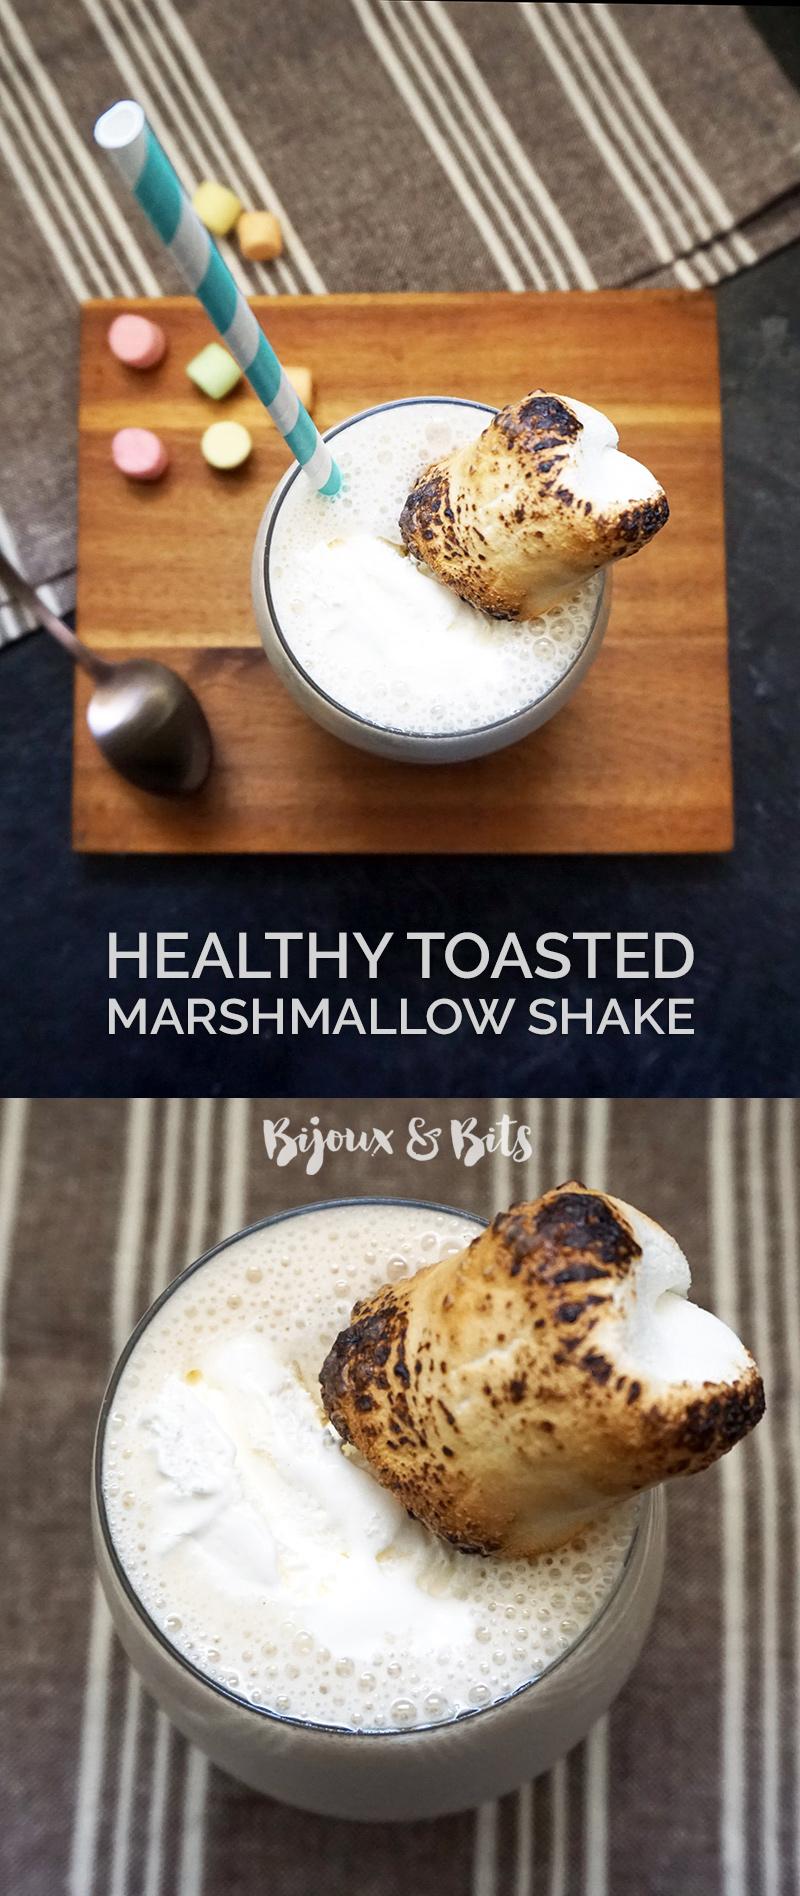 Healthy toasted marshmallow shake recipe from @bijouxandbits